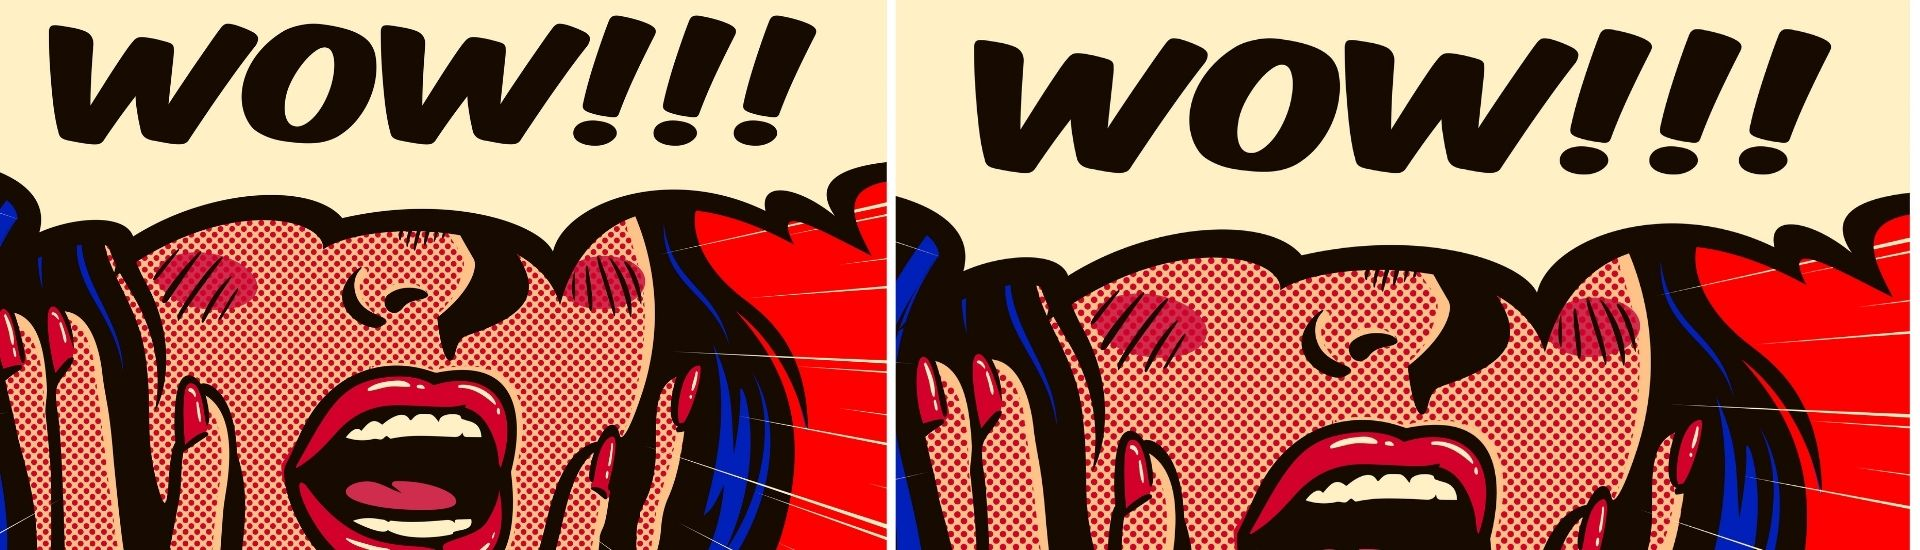 Imagen de una mujer gritando WOOOOW, con las manos en la cara, en alusión a los cómics matemáticos desarrollados por la profesora Suzanne